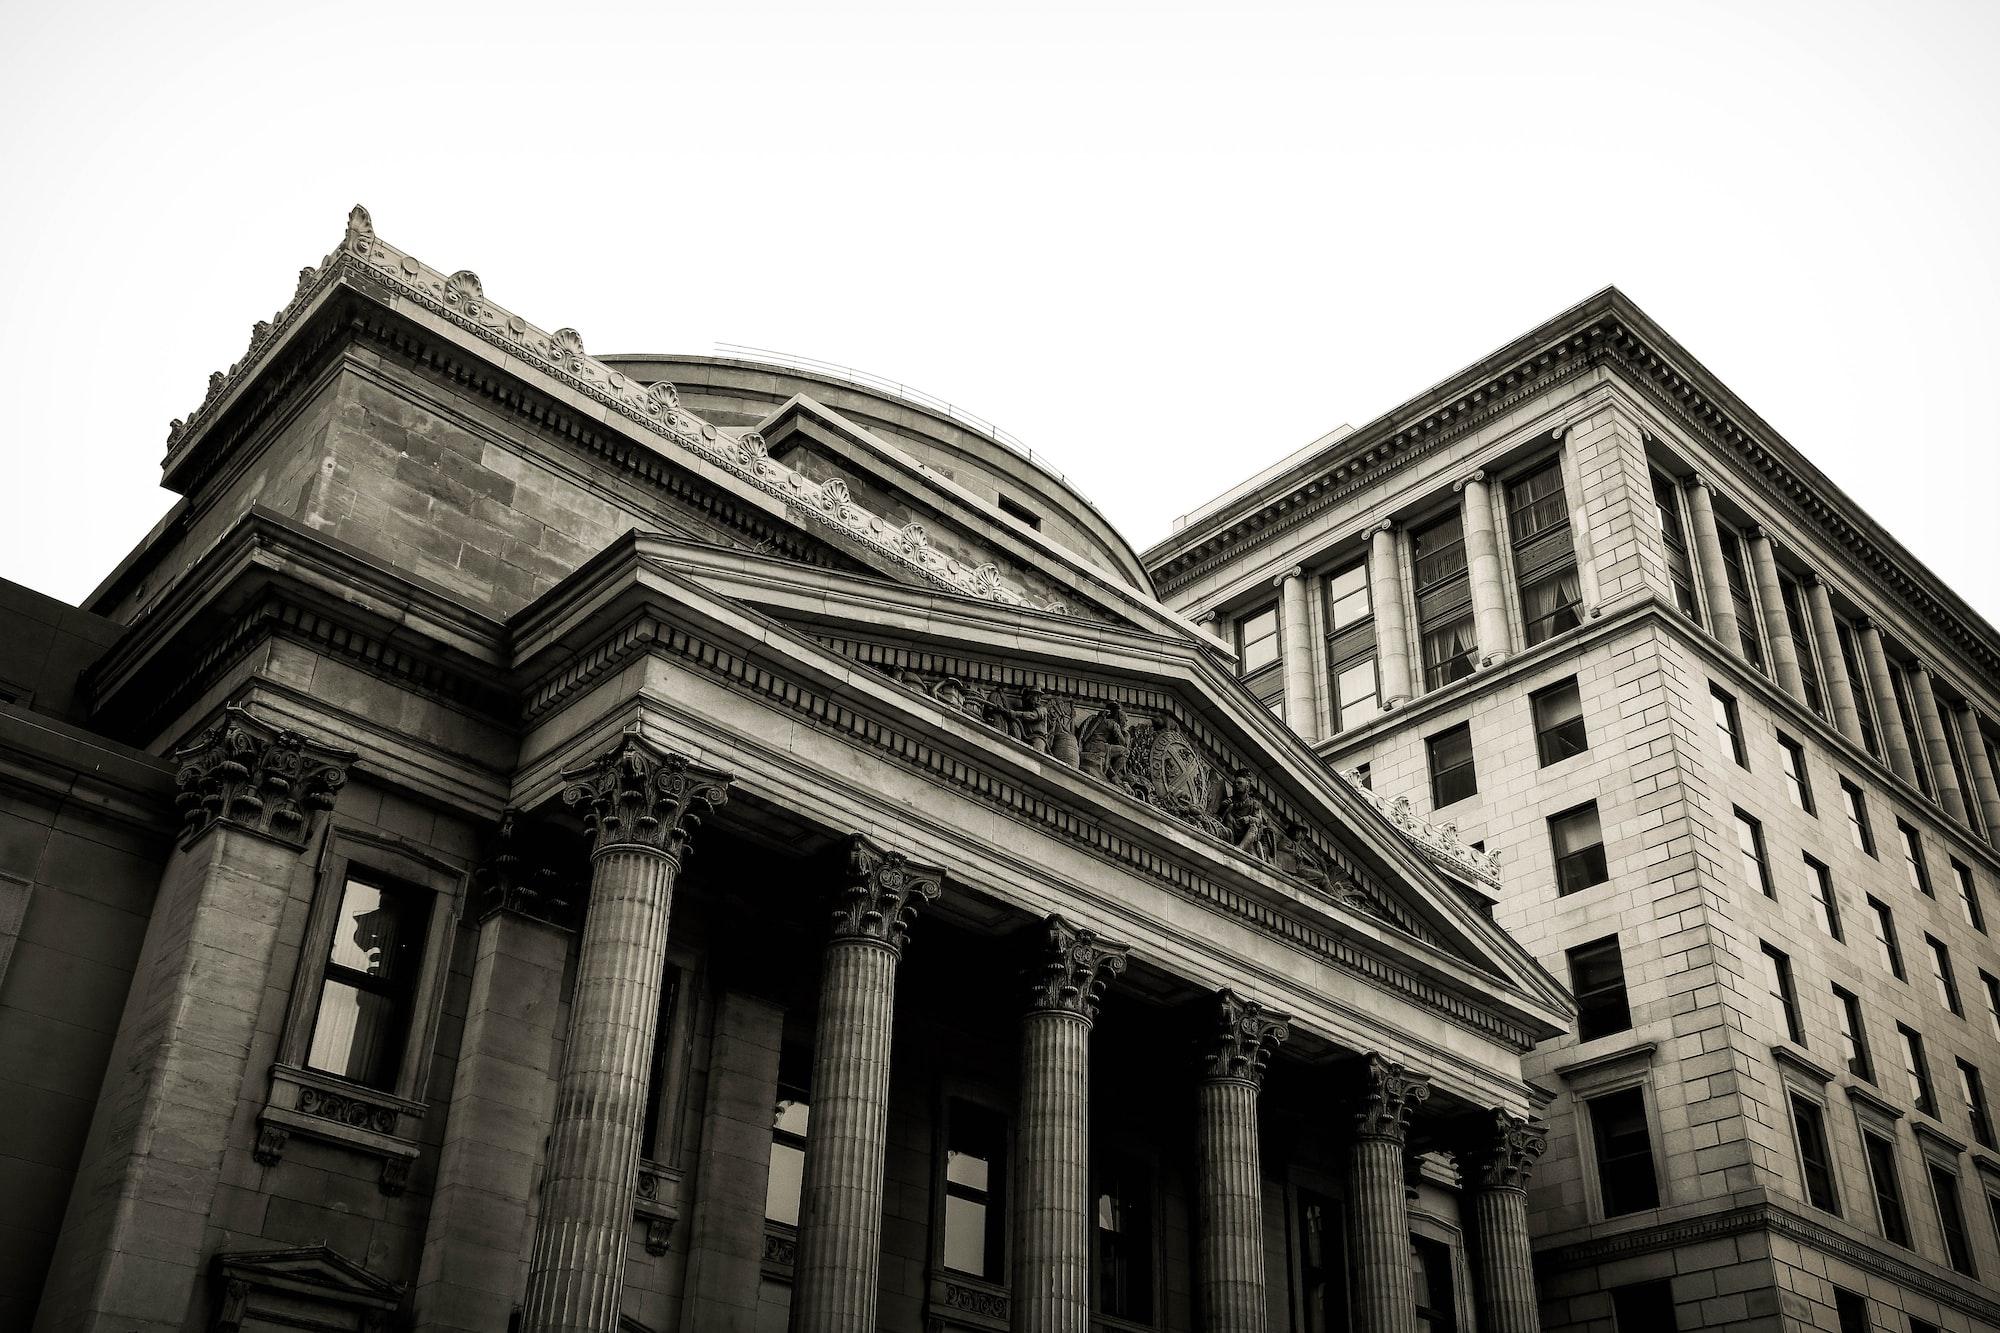 按揭利率下半年要涨,利率最低谷就是现在